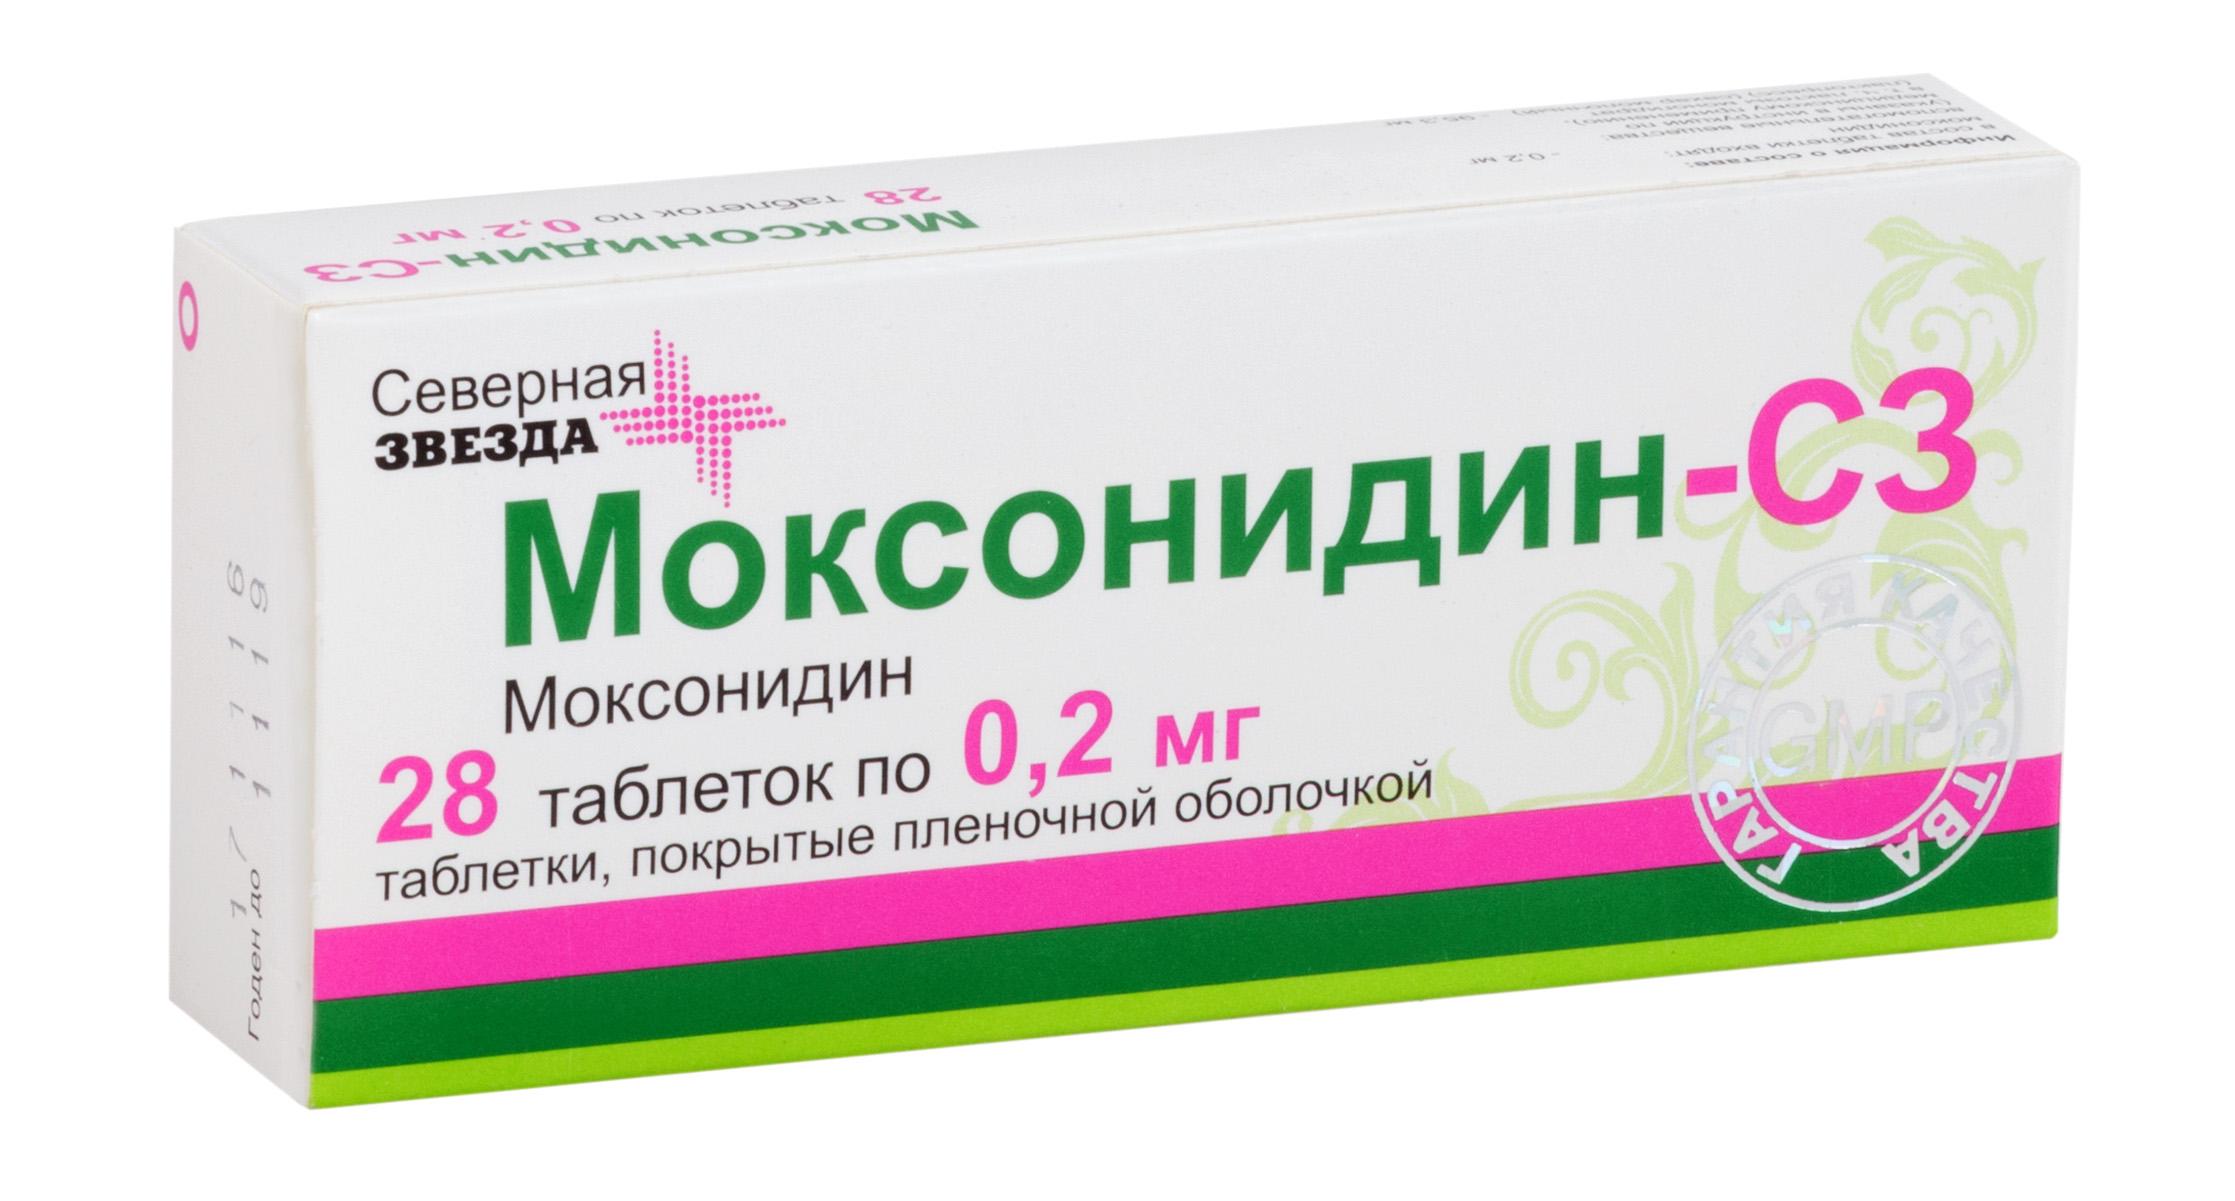 Моксонидин-СЗ табл. п.п.о. 0,2 мг №28